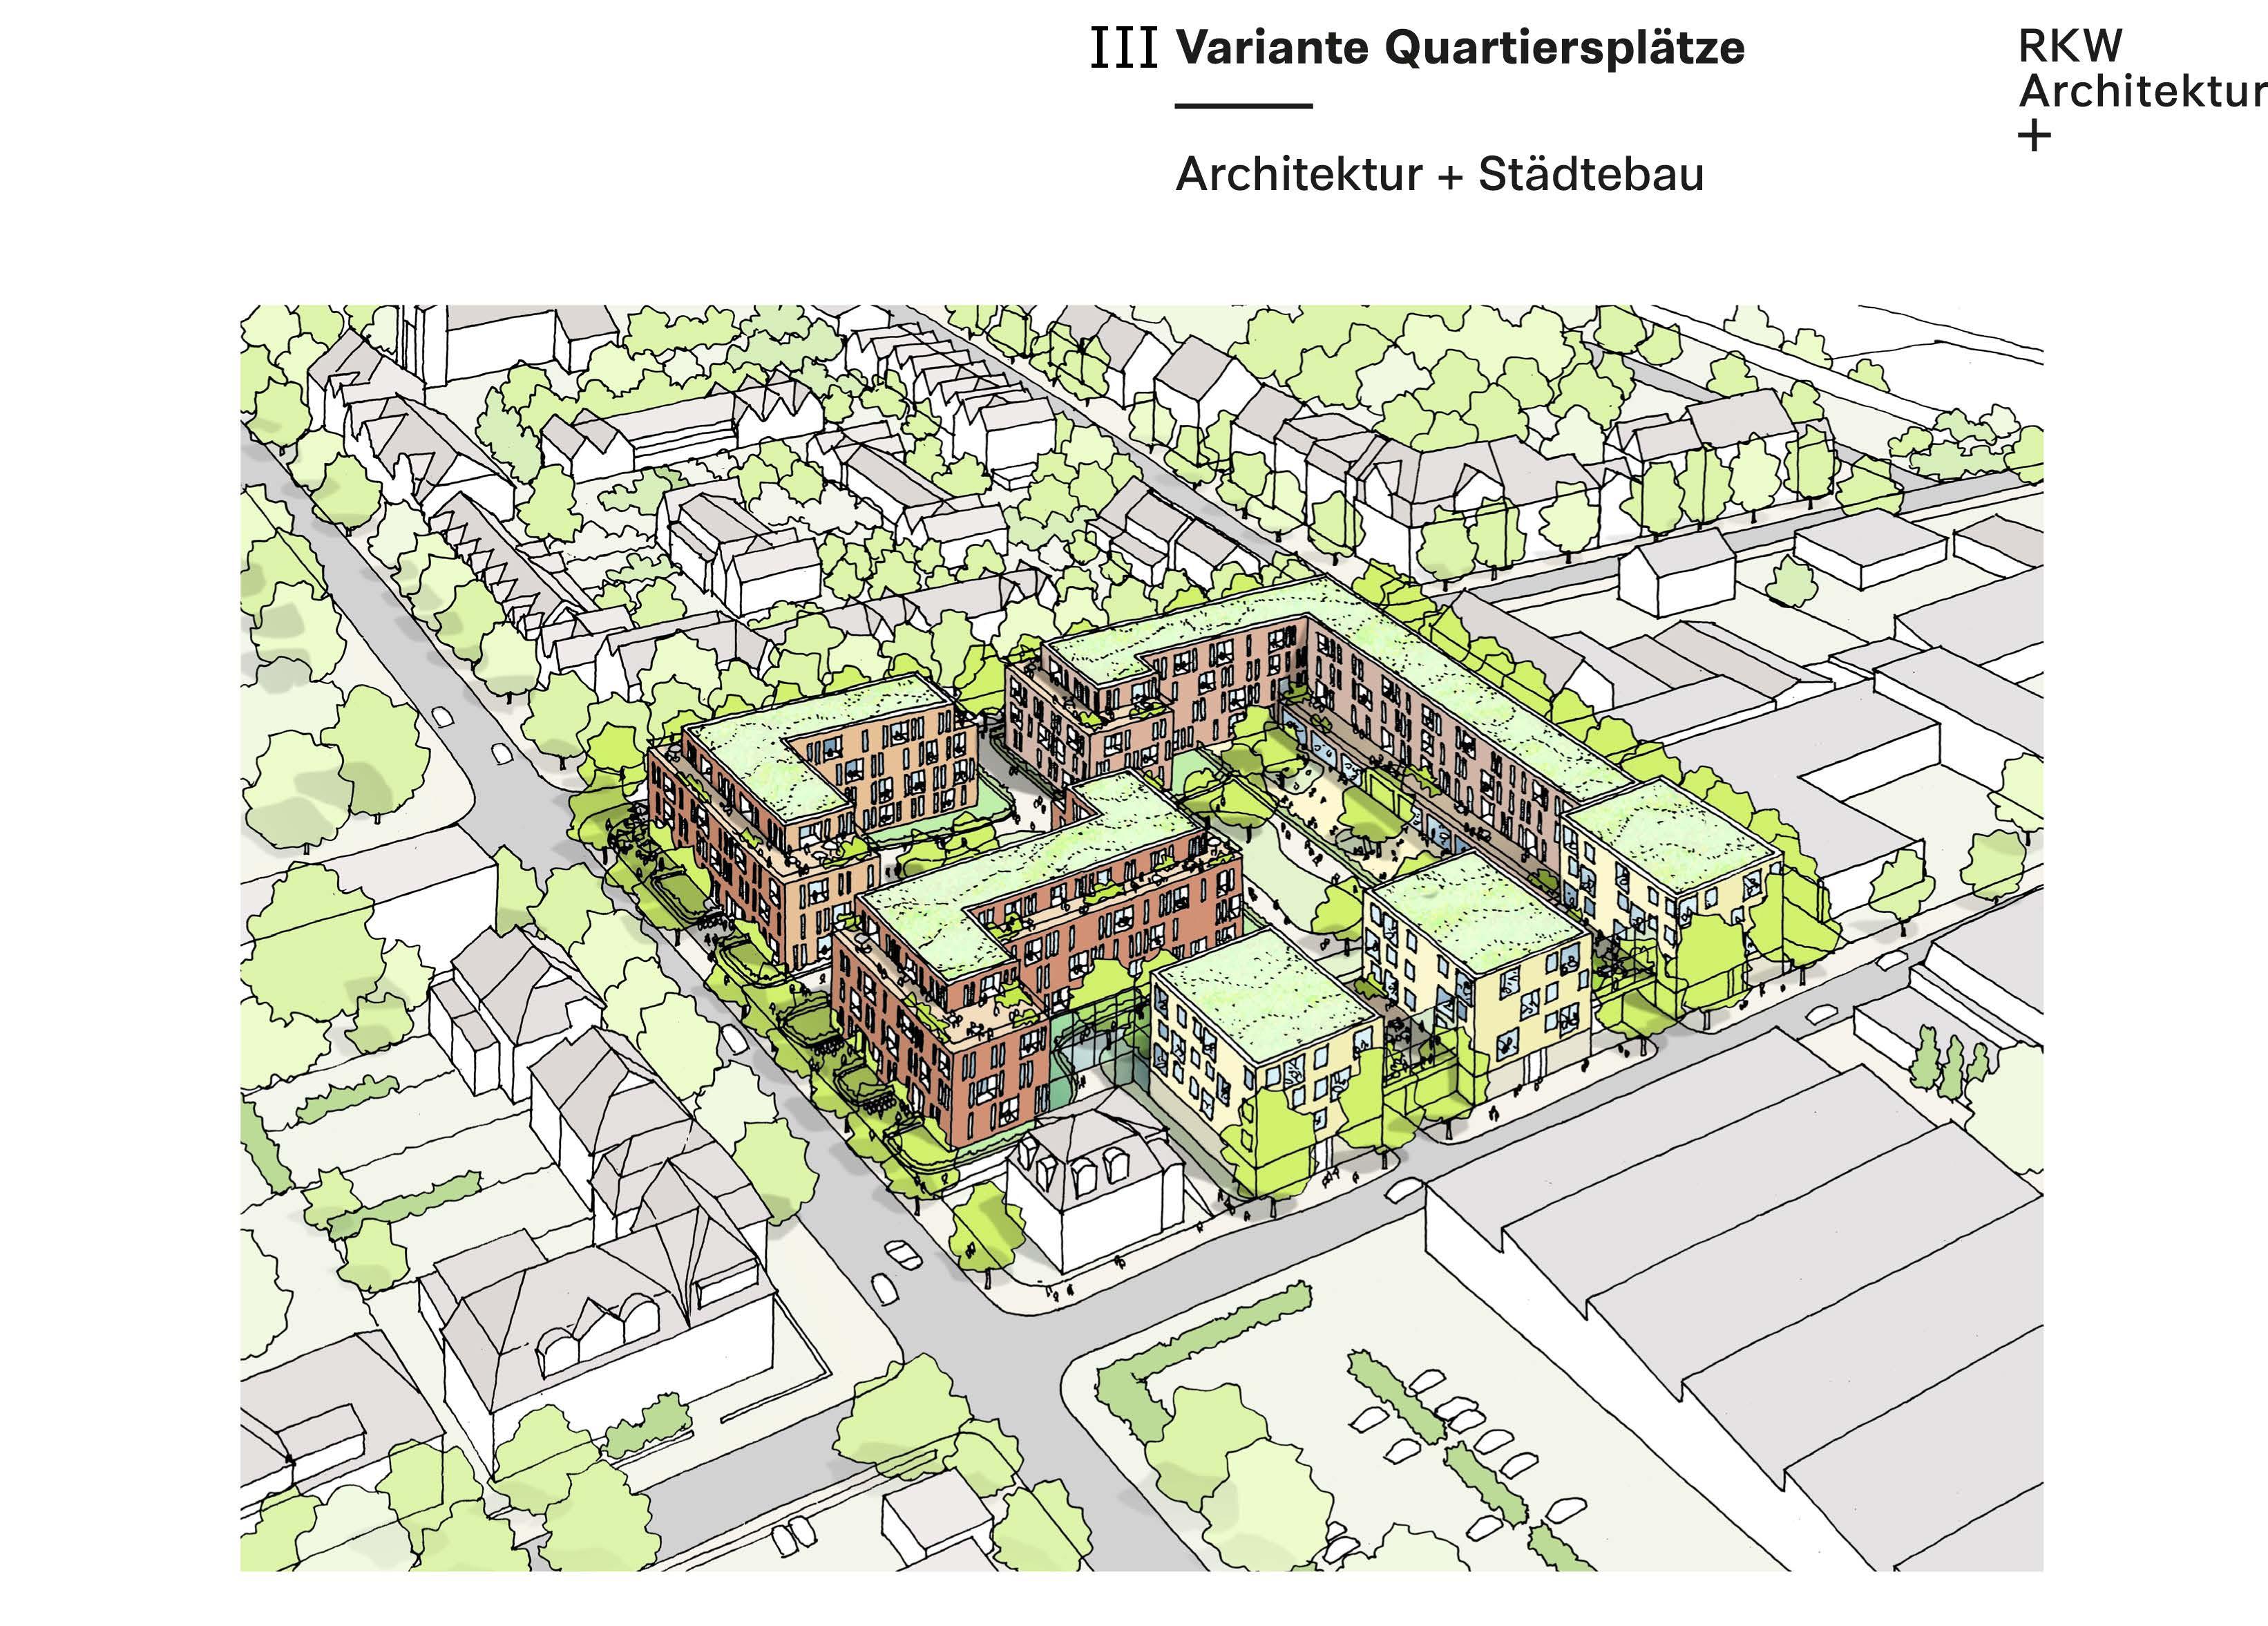 """Projektgebiet """"Briedestraße/Ecke Kappeler Straße"""": Entwurfsvariante 3 (Foto: RKW Architektur +)"""